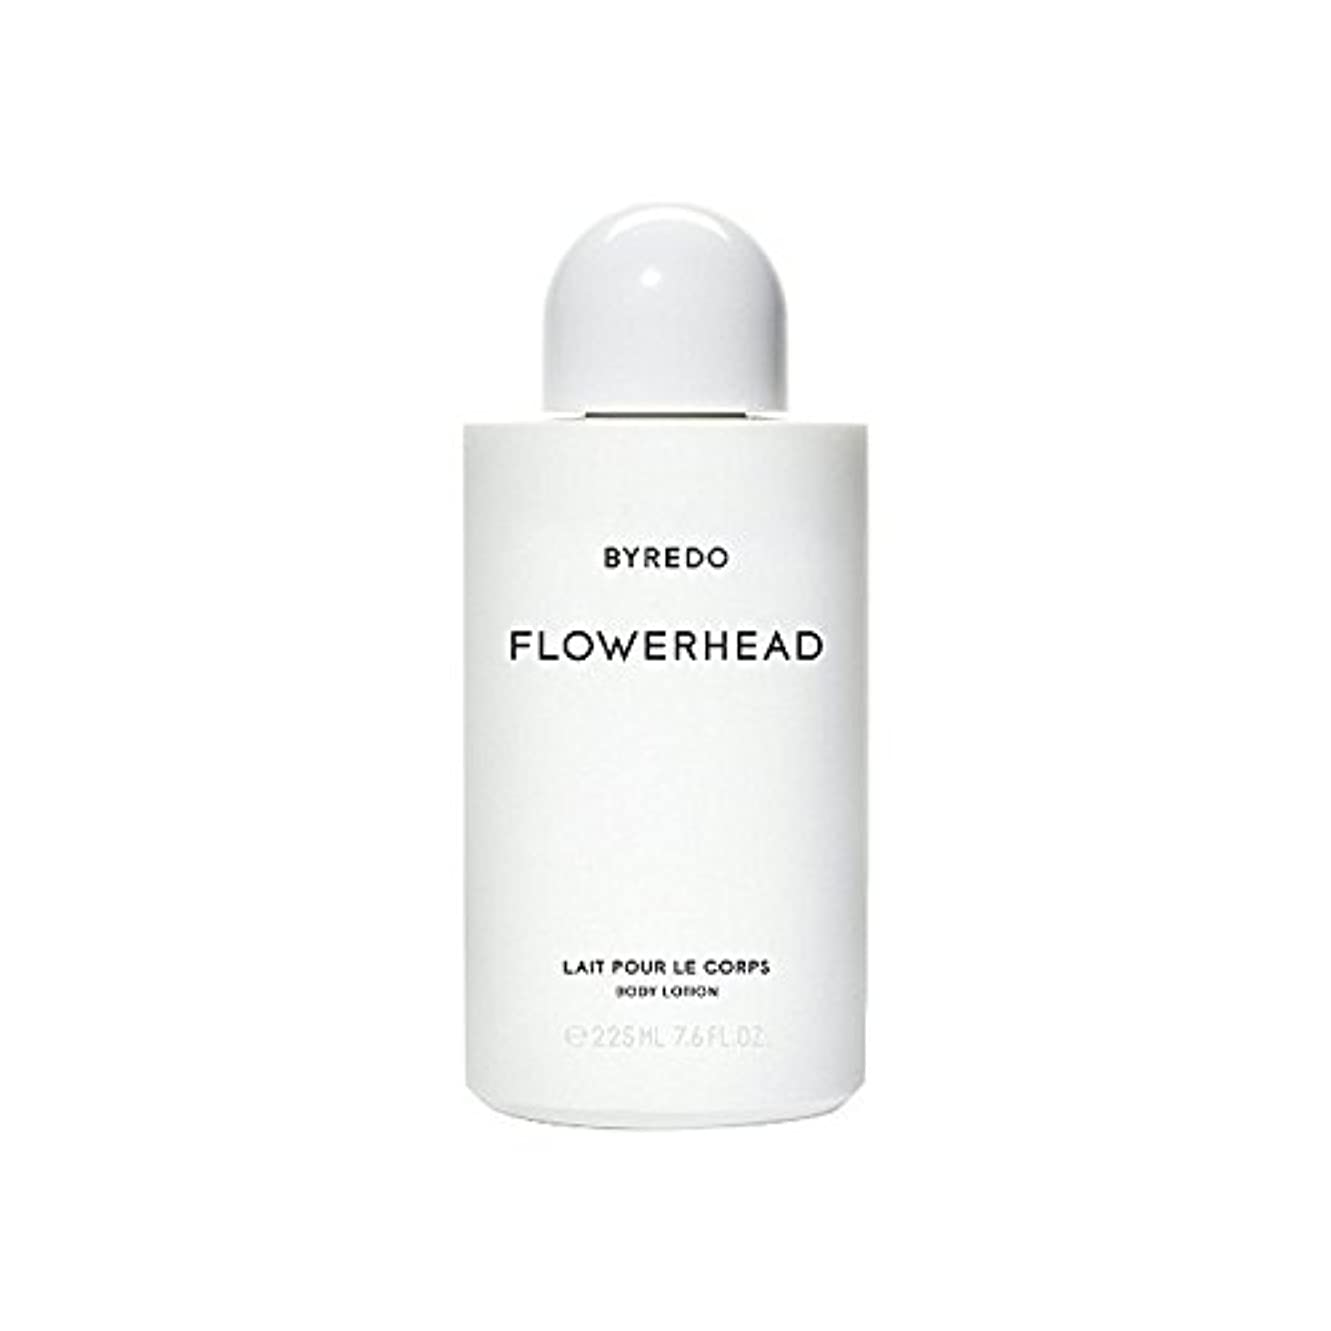 論理的に引数盟主Byredo Flowerhead Body Lotion 225ml (Pack of 6) - ボディローション225ミリリットル x6 [並行輸入品]